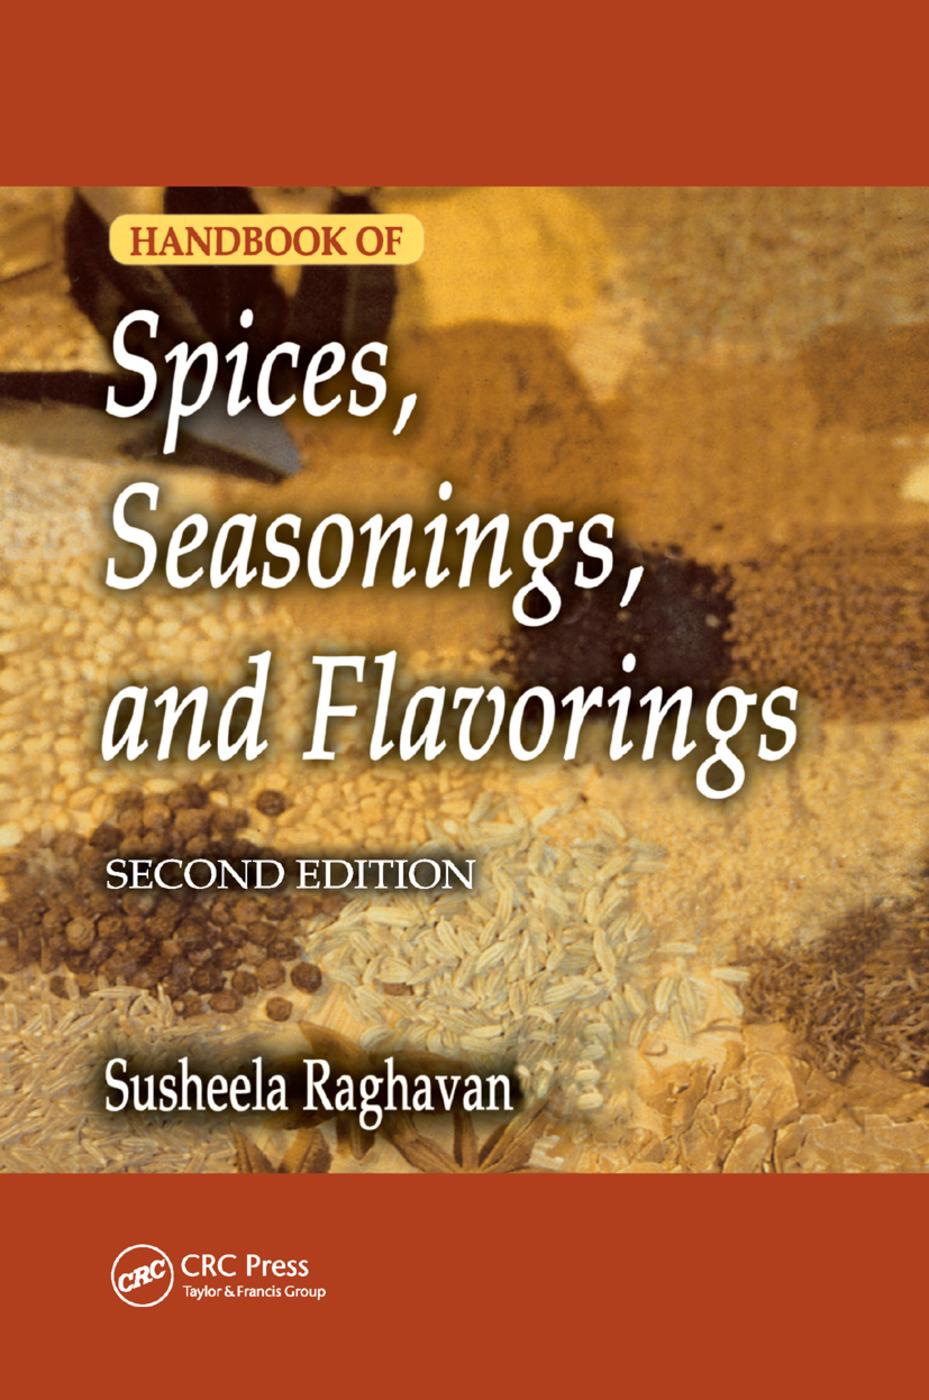 Handbook of Spices, Seasonings, and Flavorings